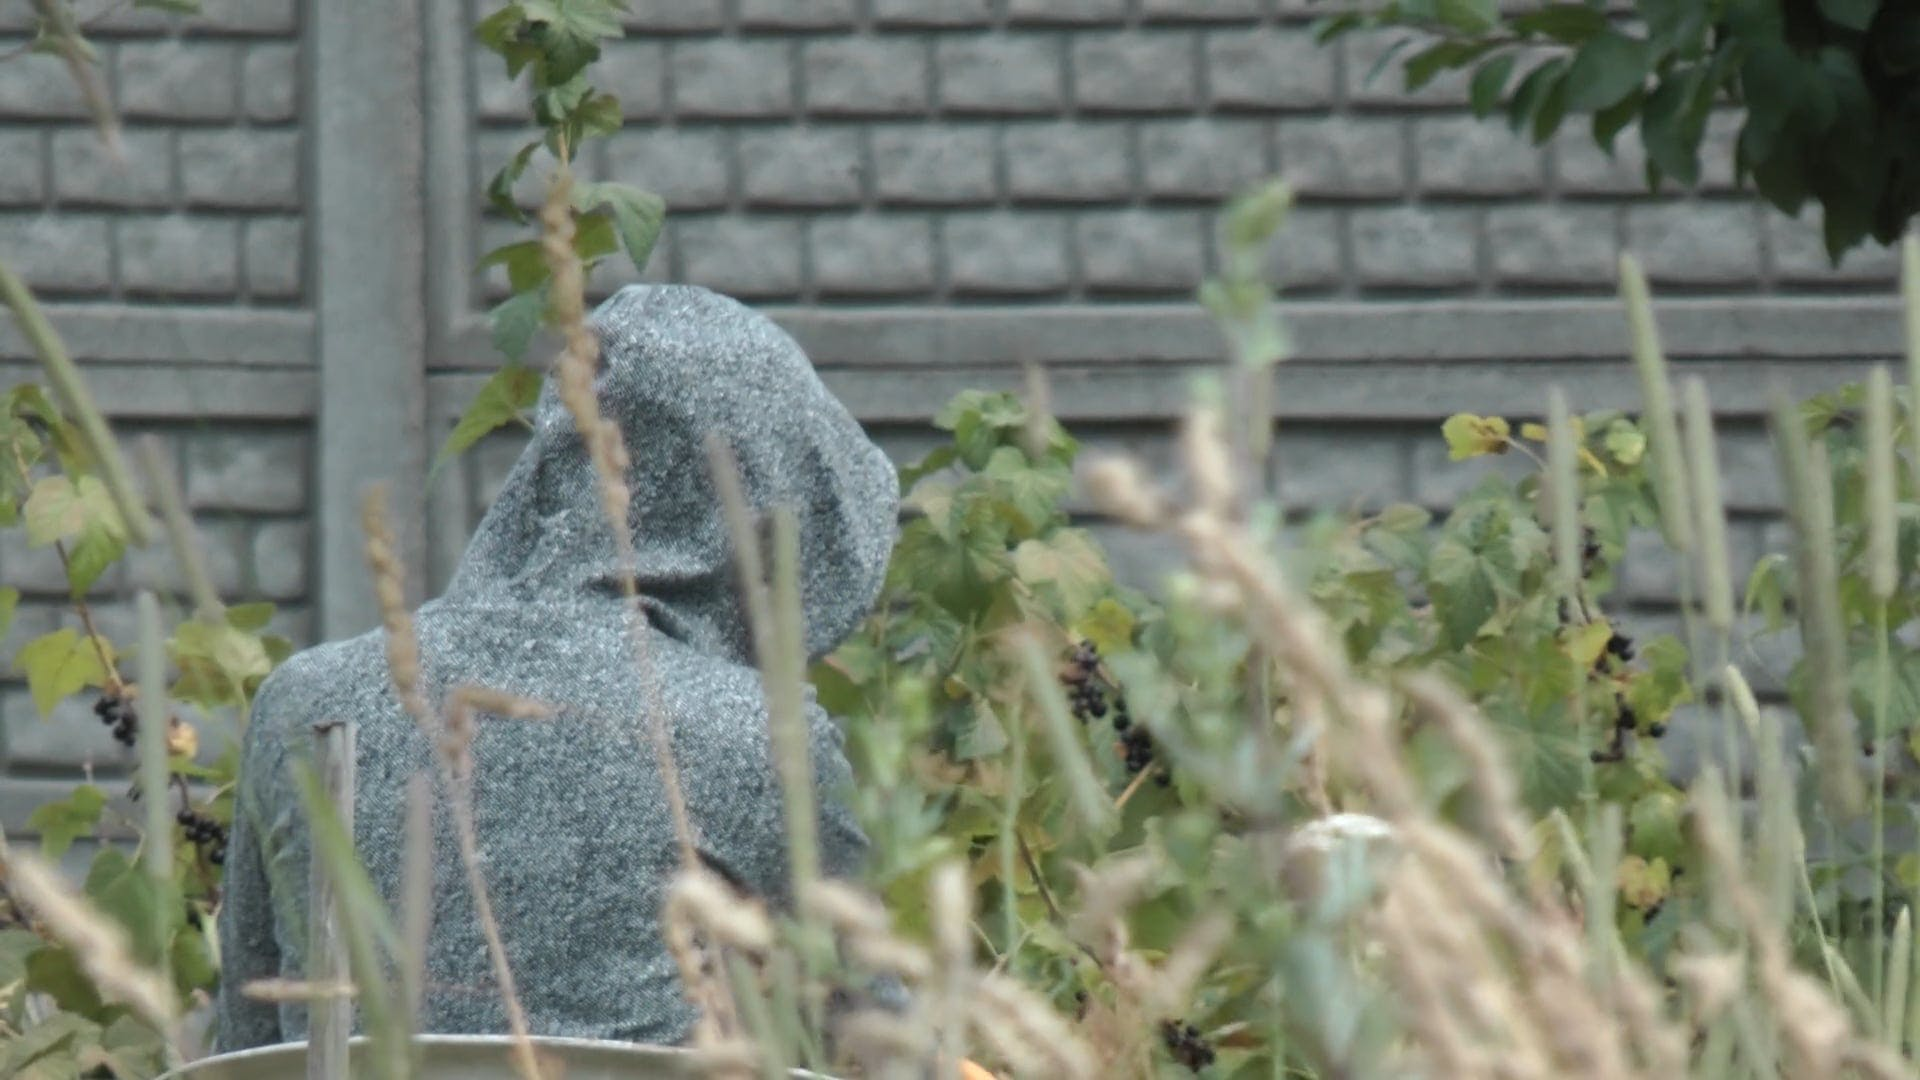 Person In Hoodie Harvesting Fruits